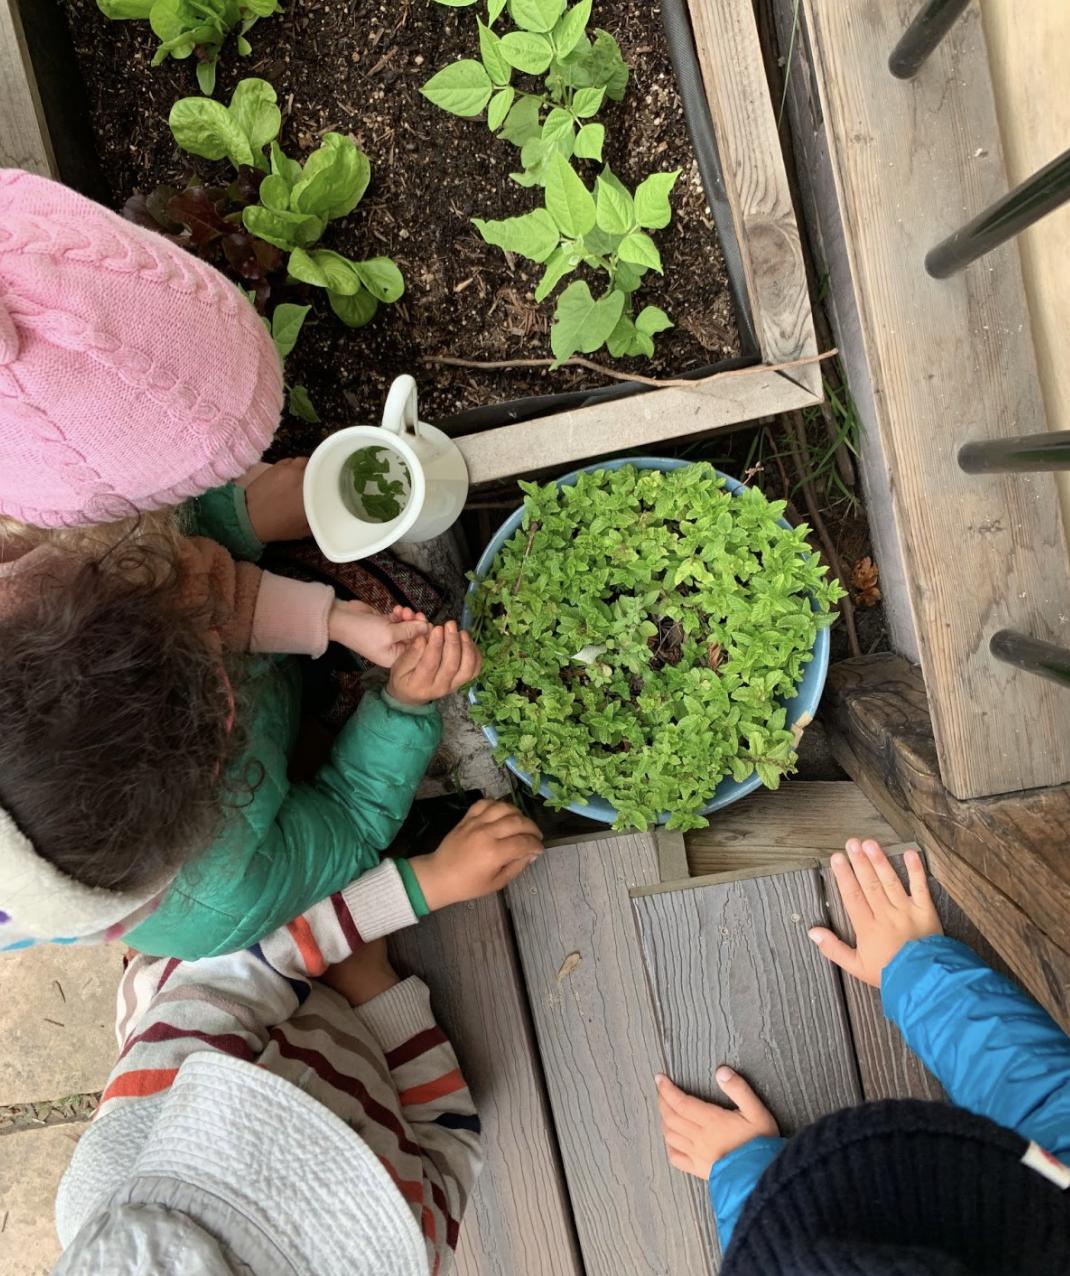 Nursery children picking mint from the garden